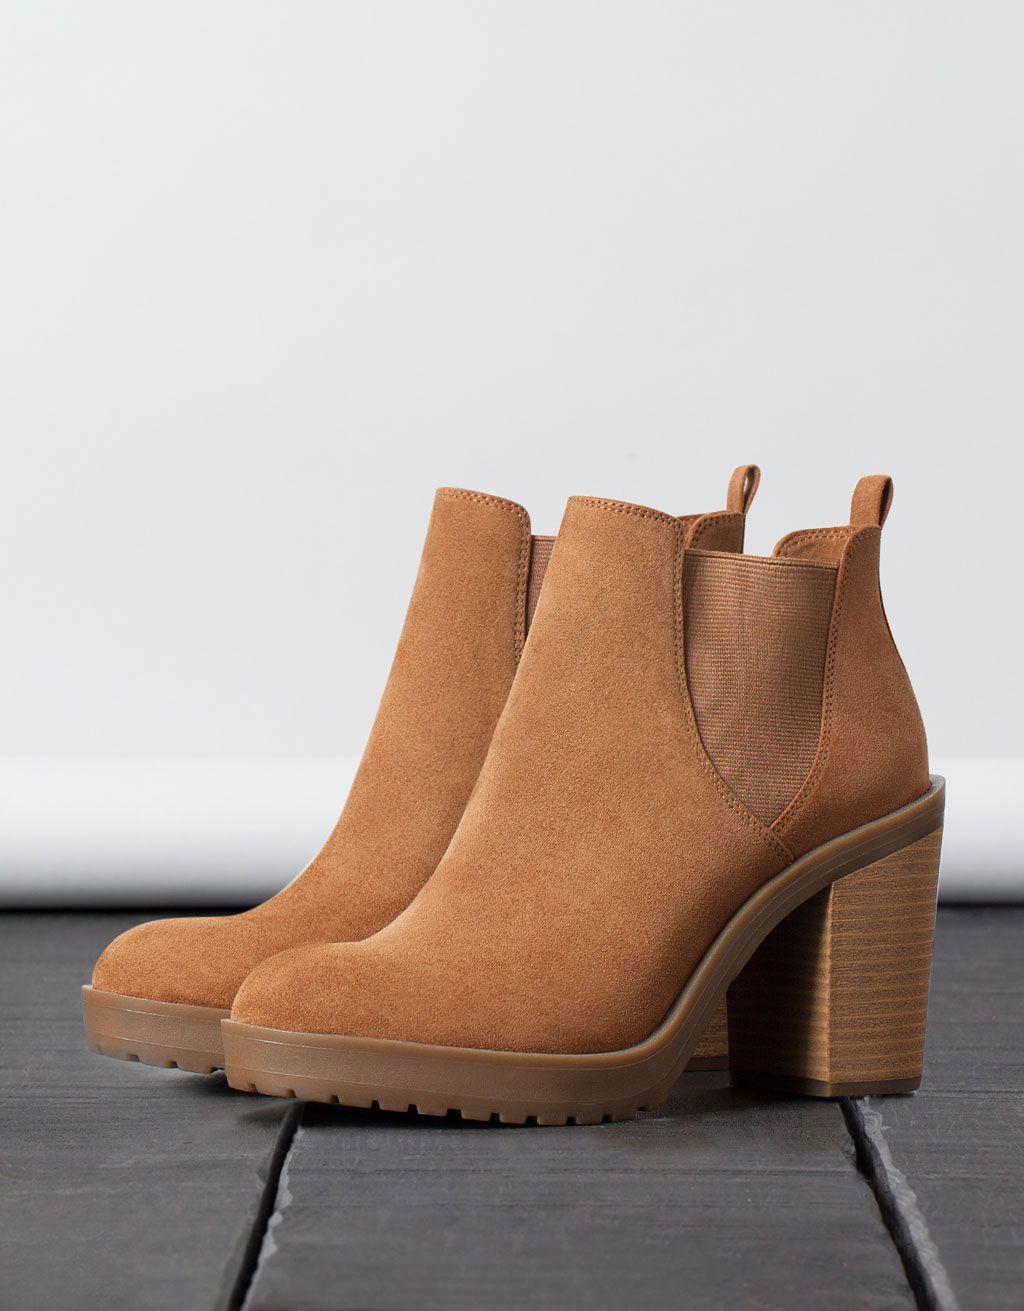 ba35939d5 Botín Tacón Elástico | Chaussures & Bags | Shoe boots, Shoes, Boots